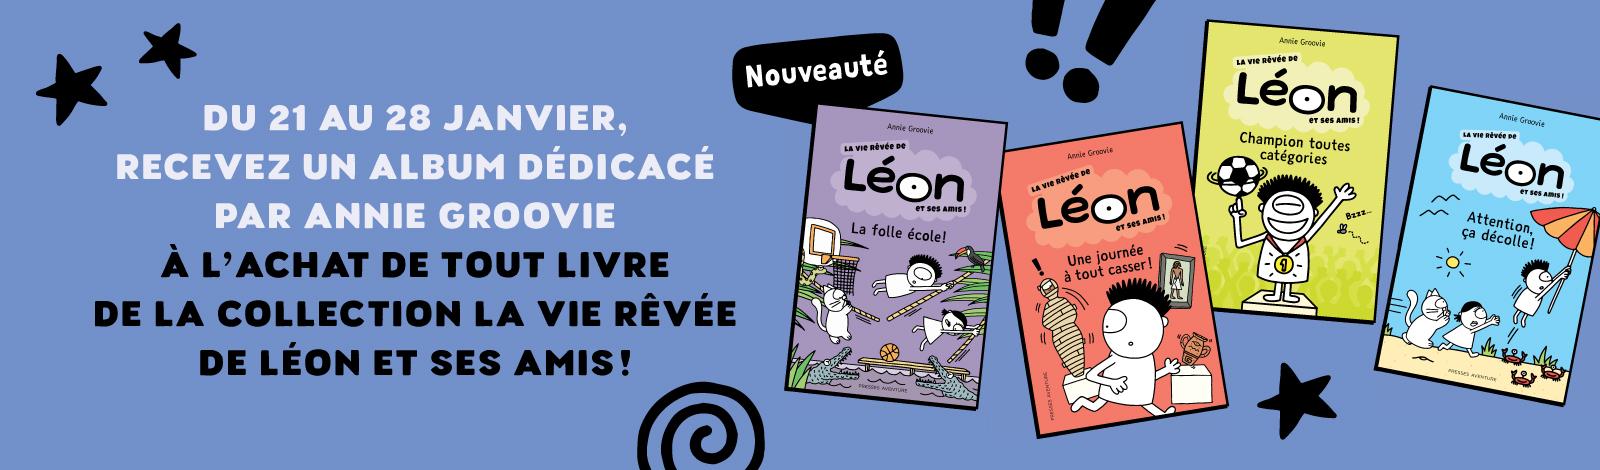 La vie rêvée de Léon et ses amis